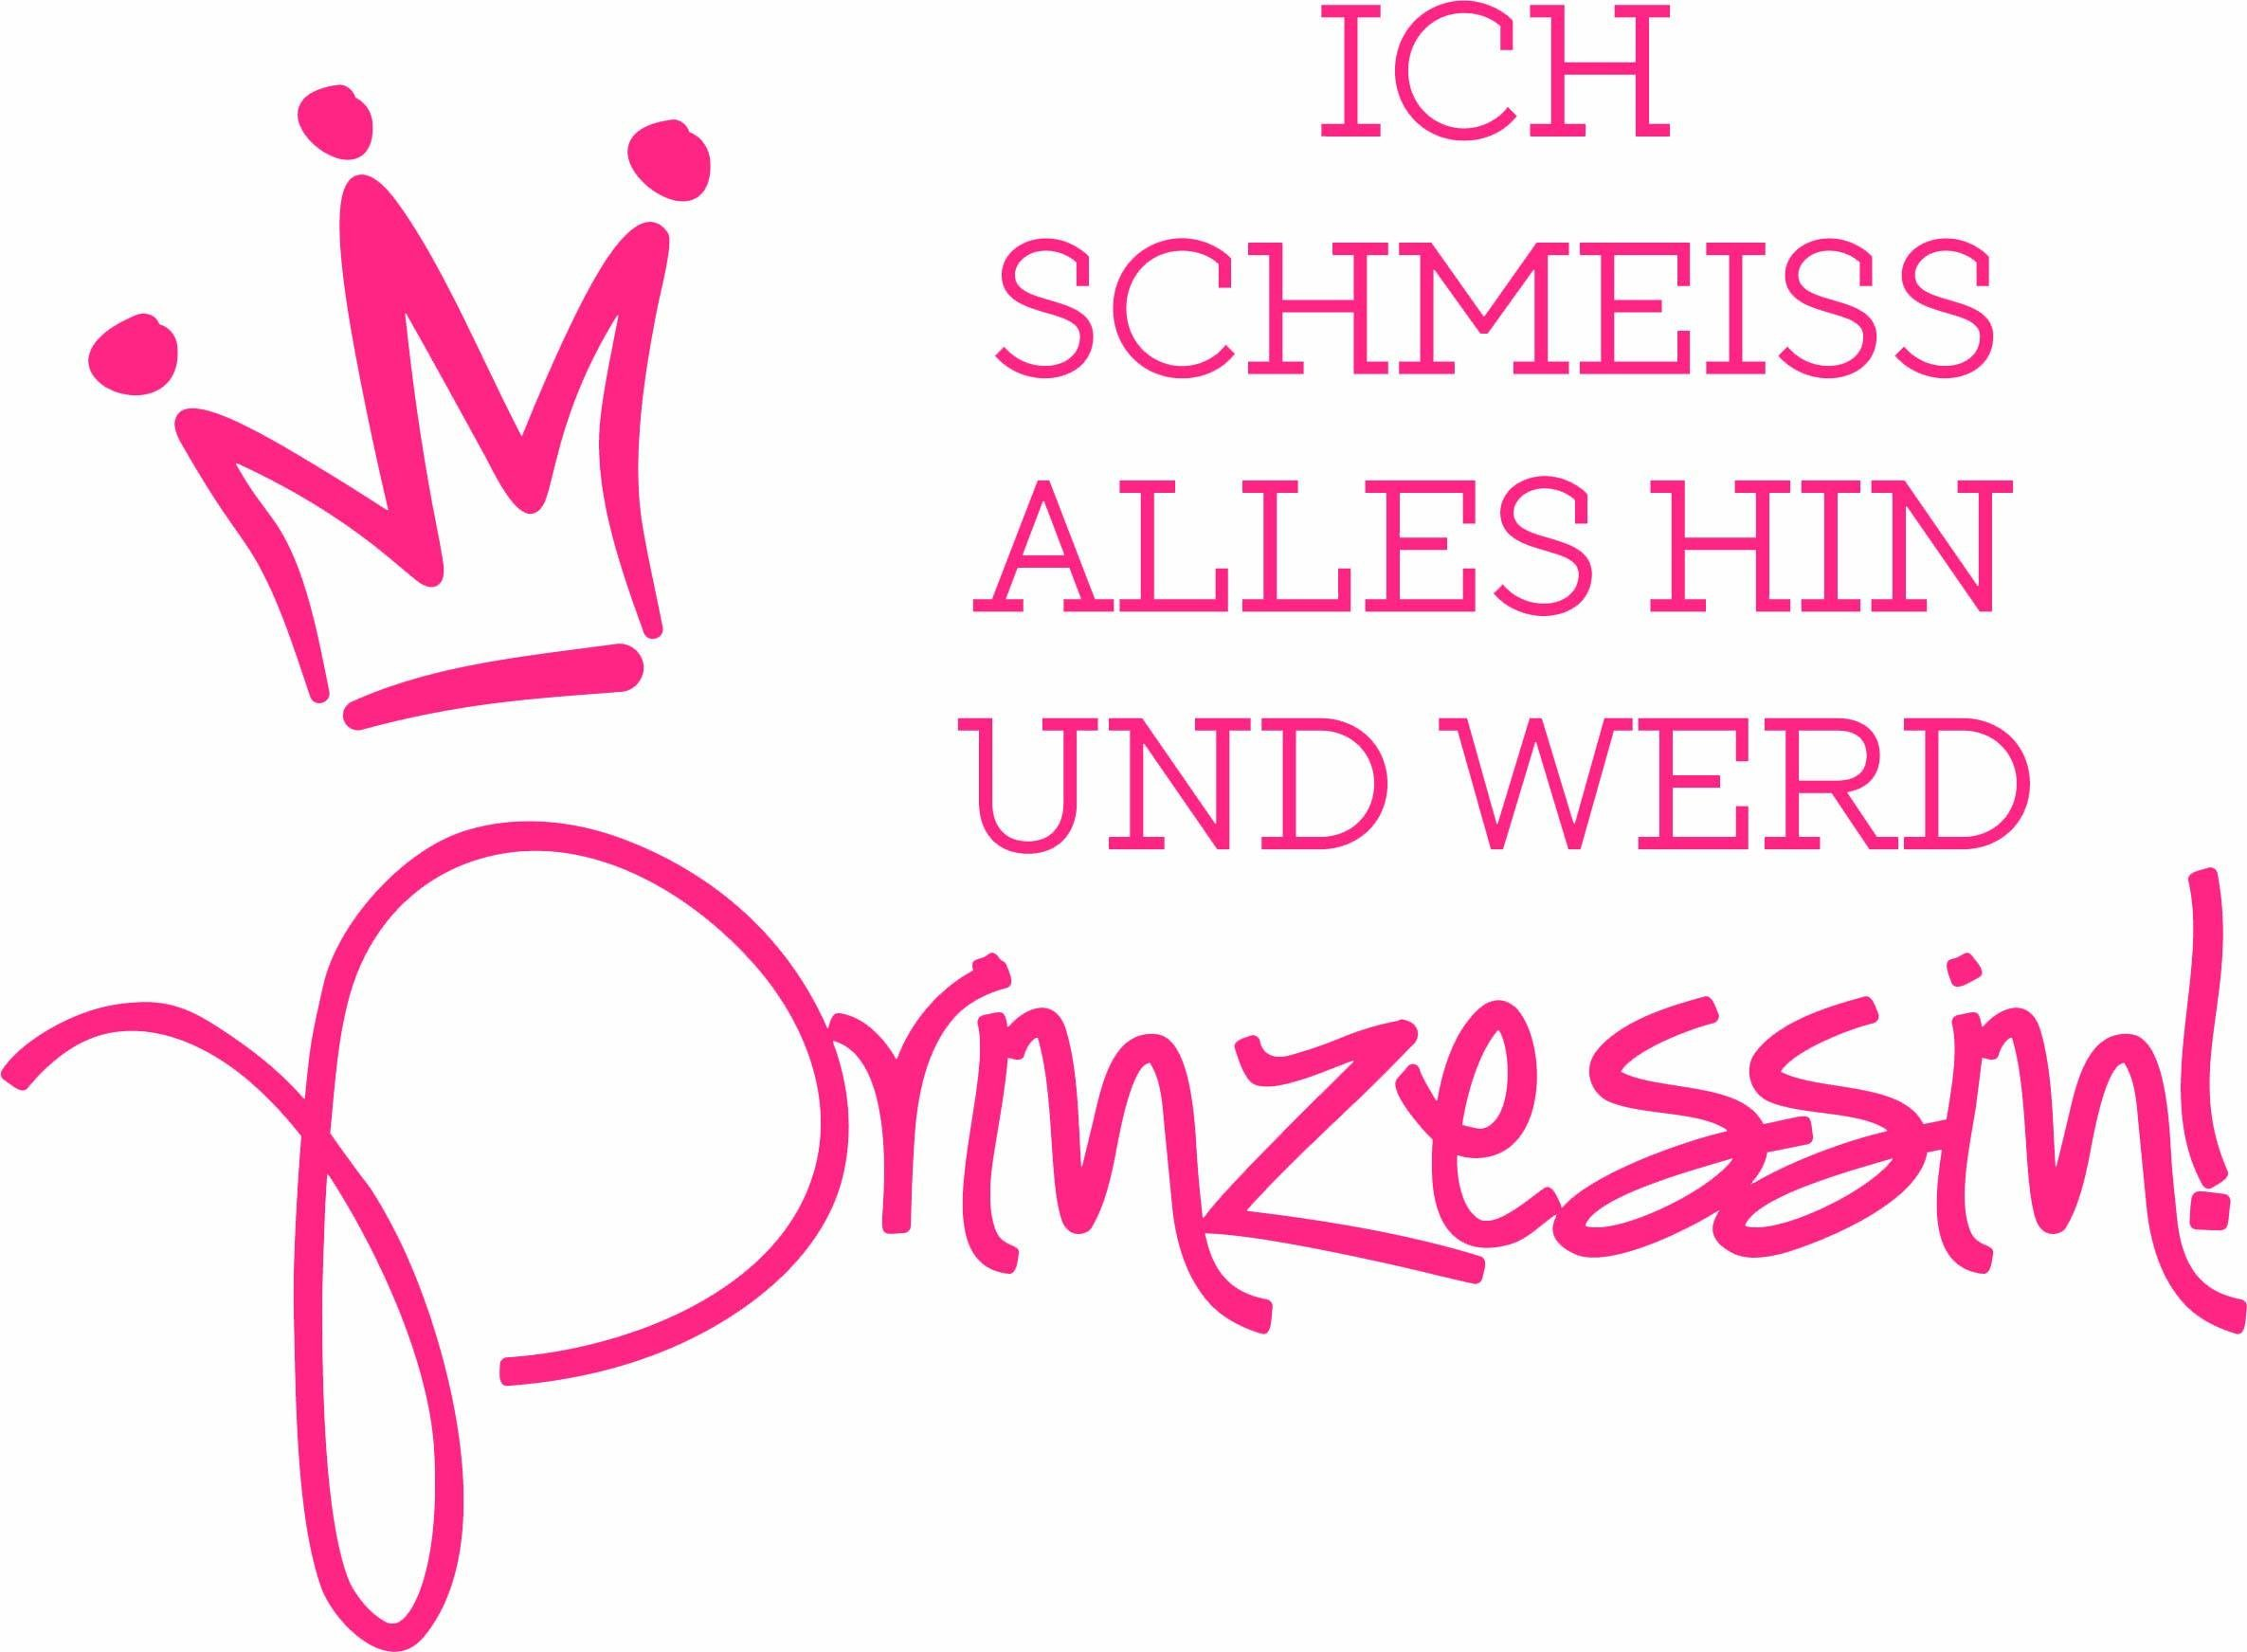 Wandtattoo »Ich schmeiss alles hin und werd Prinzessin«, in 2 Größen   Dekoration > Wandtattoos > Wandtattoos